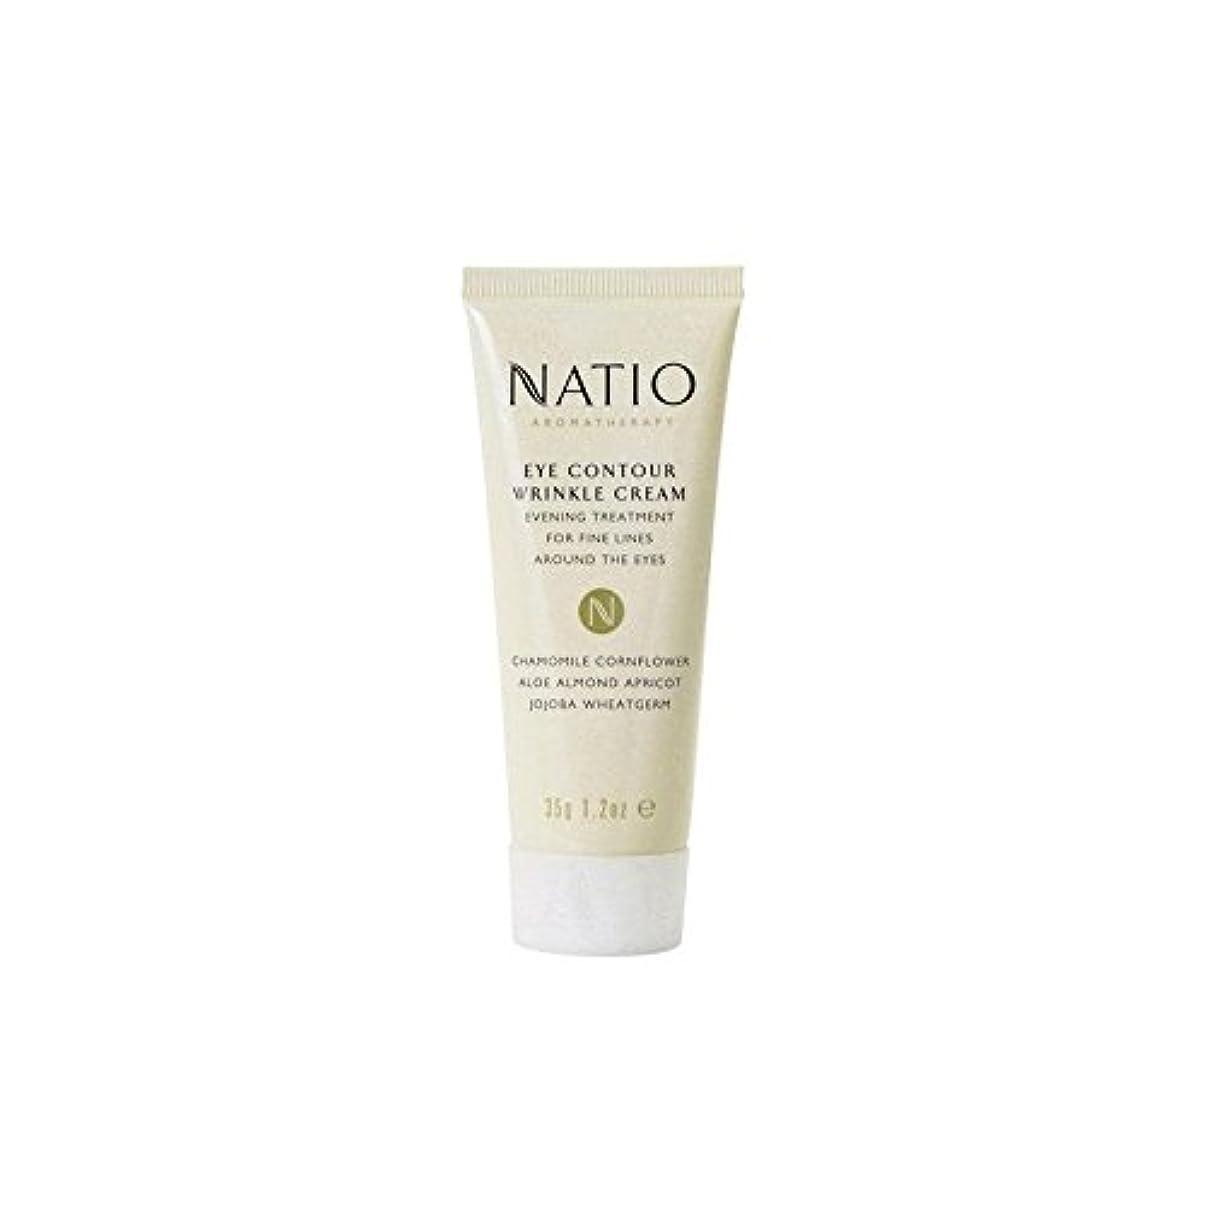 想像力頼る成分眼輪郭しわクリーム(35グラム) x2 - Natio Eye Contour Wrinkle Cream (35G) (Pack of 2) [並行輸入品]